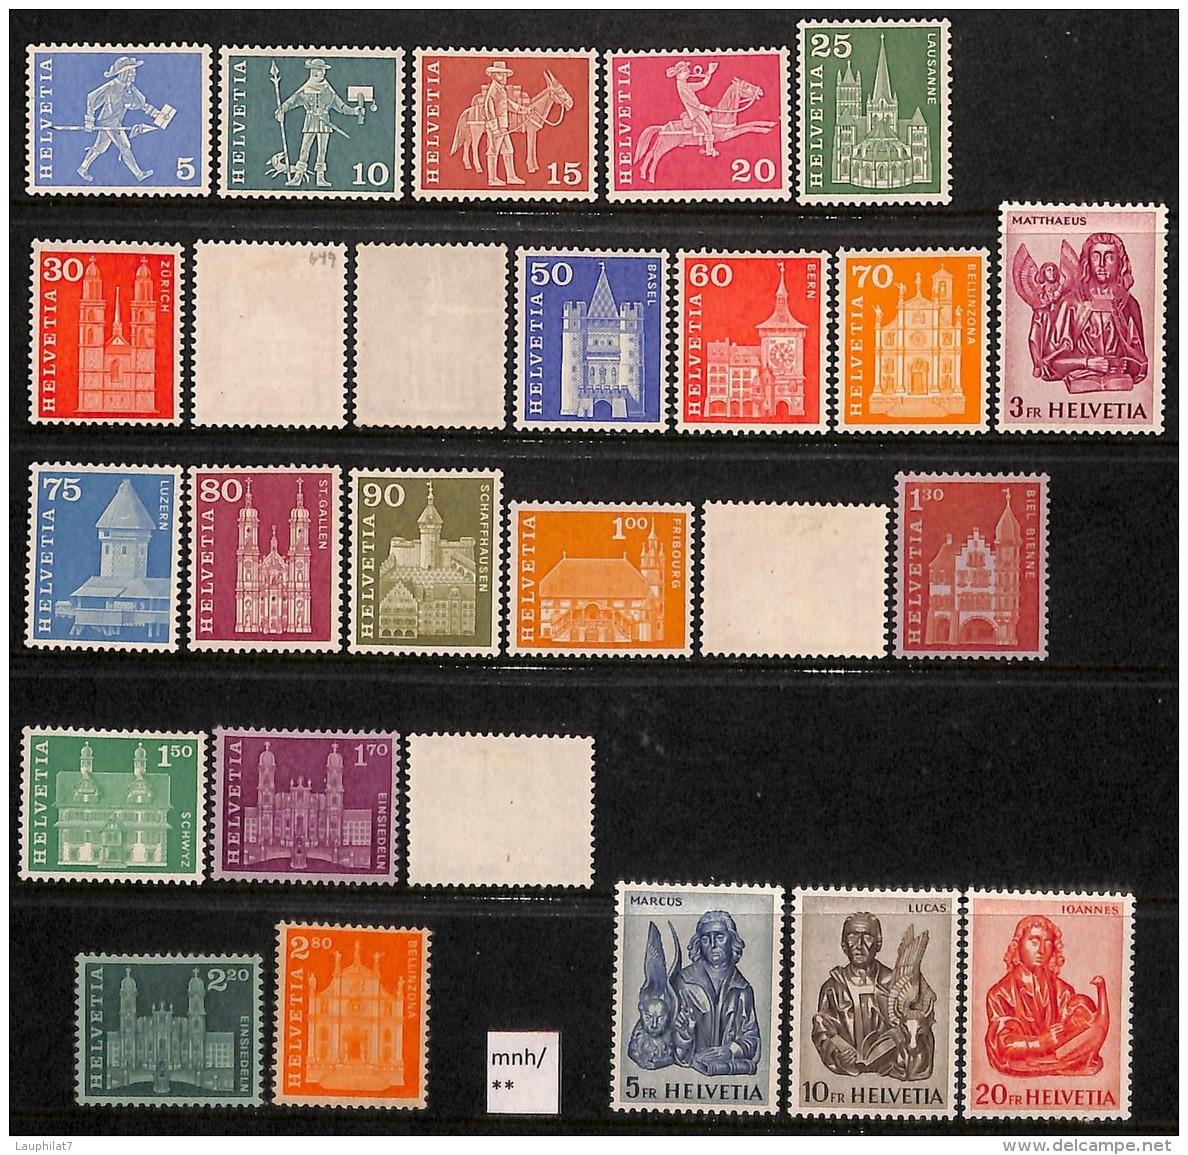 Suisse 1960 - N° 643/60F, Série Courante, SC **/mnh Sauf Les Timbres Retournés */mlh, Facteurs, Religions, Saints, Monum - Neufs